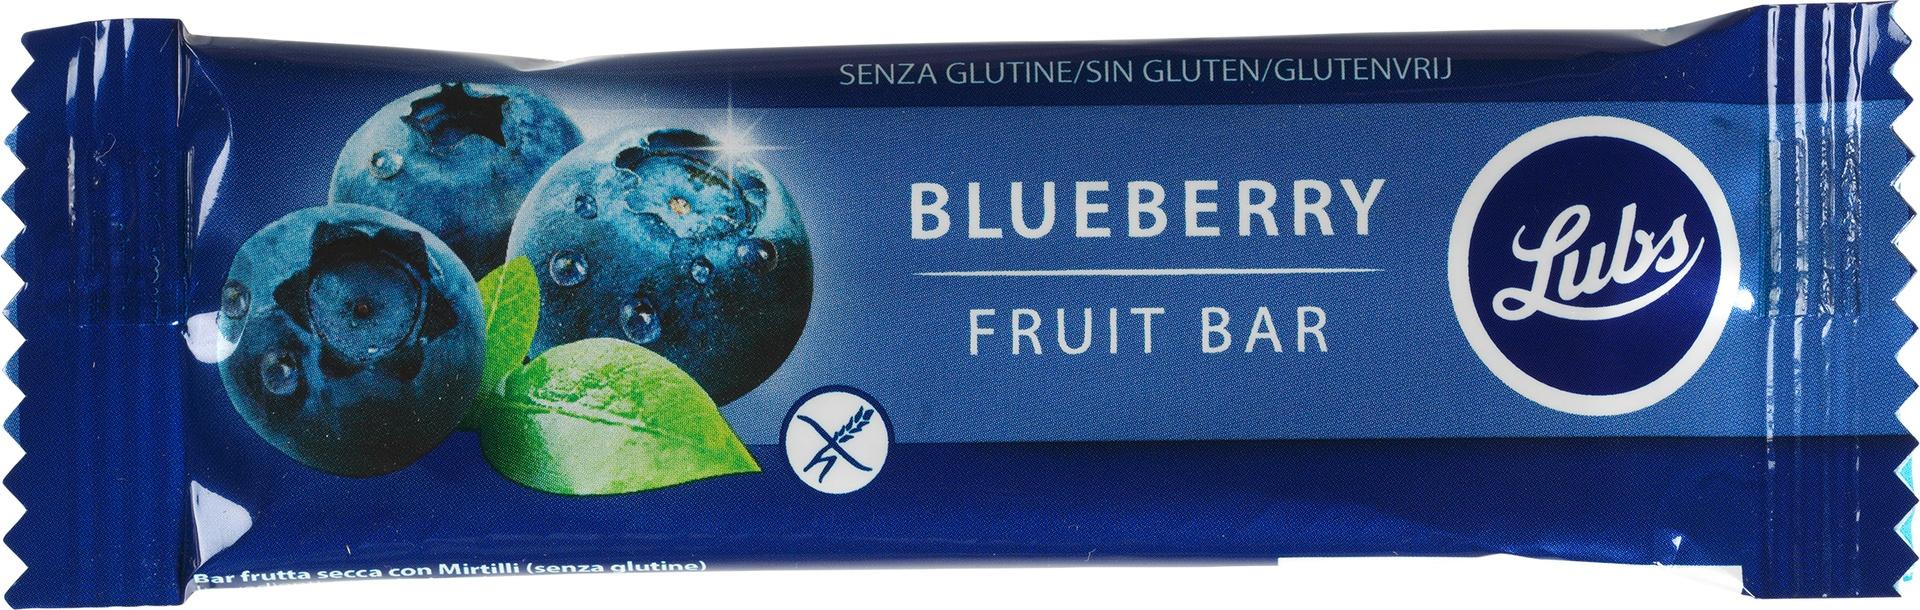 Biologische Lubs Fruitreep bosbes 30 gr